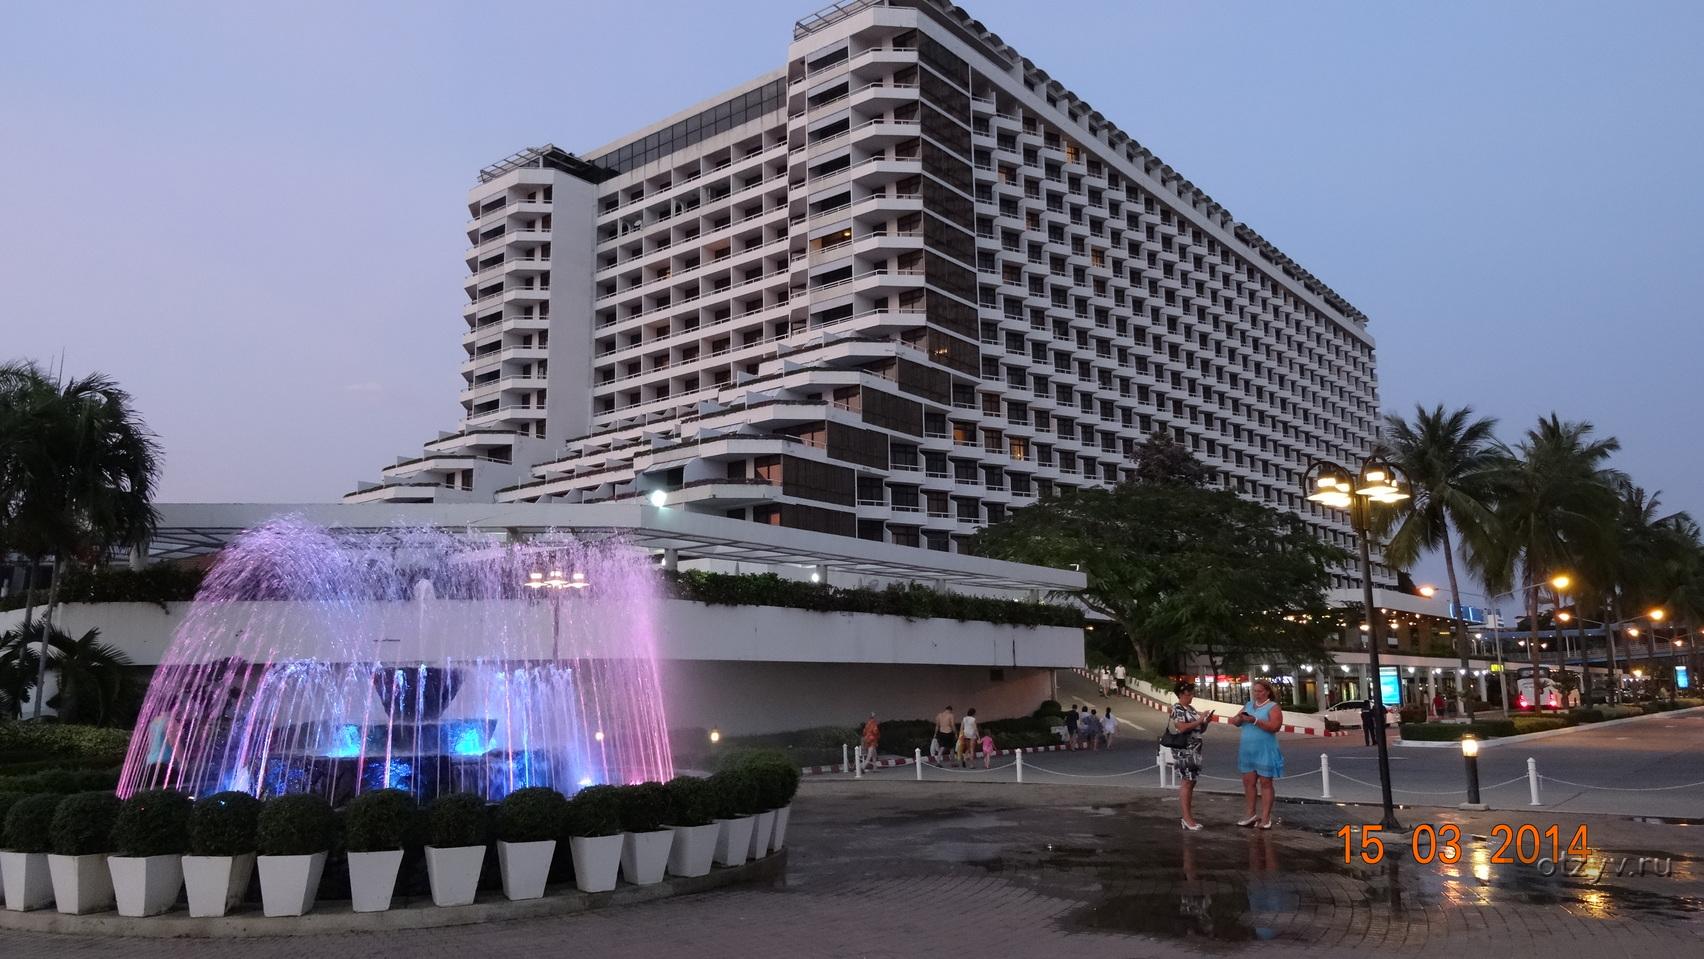 пейзажи, созданные гостиница амбассадор паттайя фото доставка редких, ценных